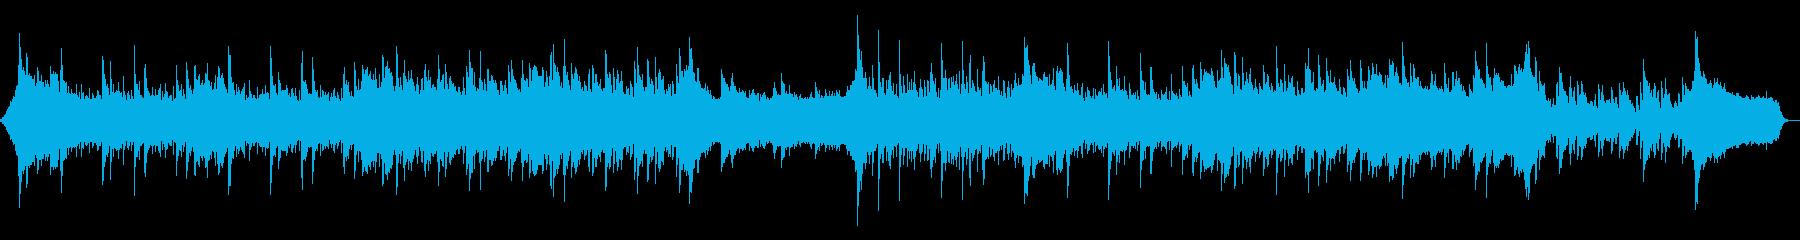 ピアノが優しく前向きな曲/ドラム無しの再生済みの波形